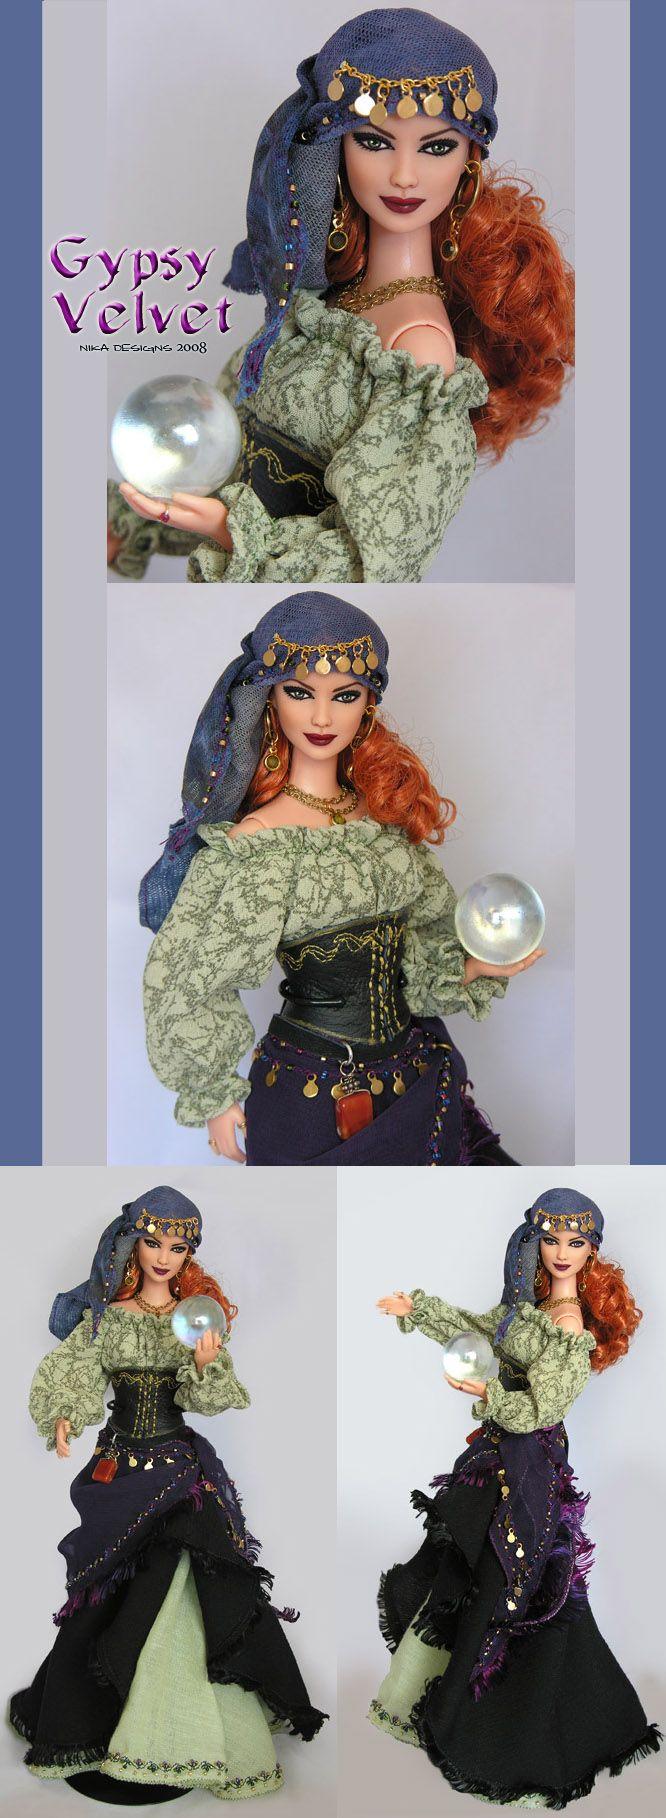 gypsy velvet barbie repaint